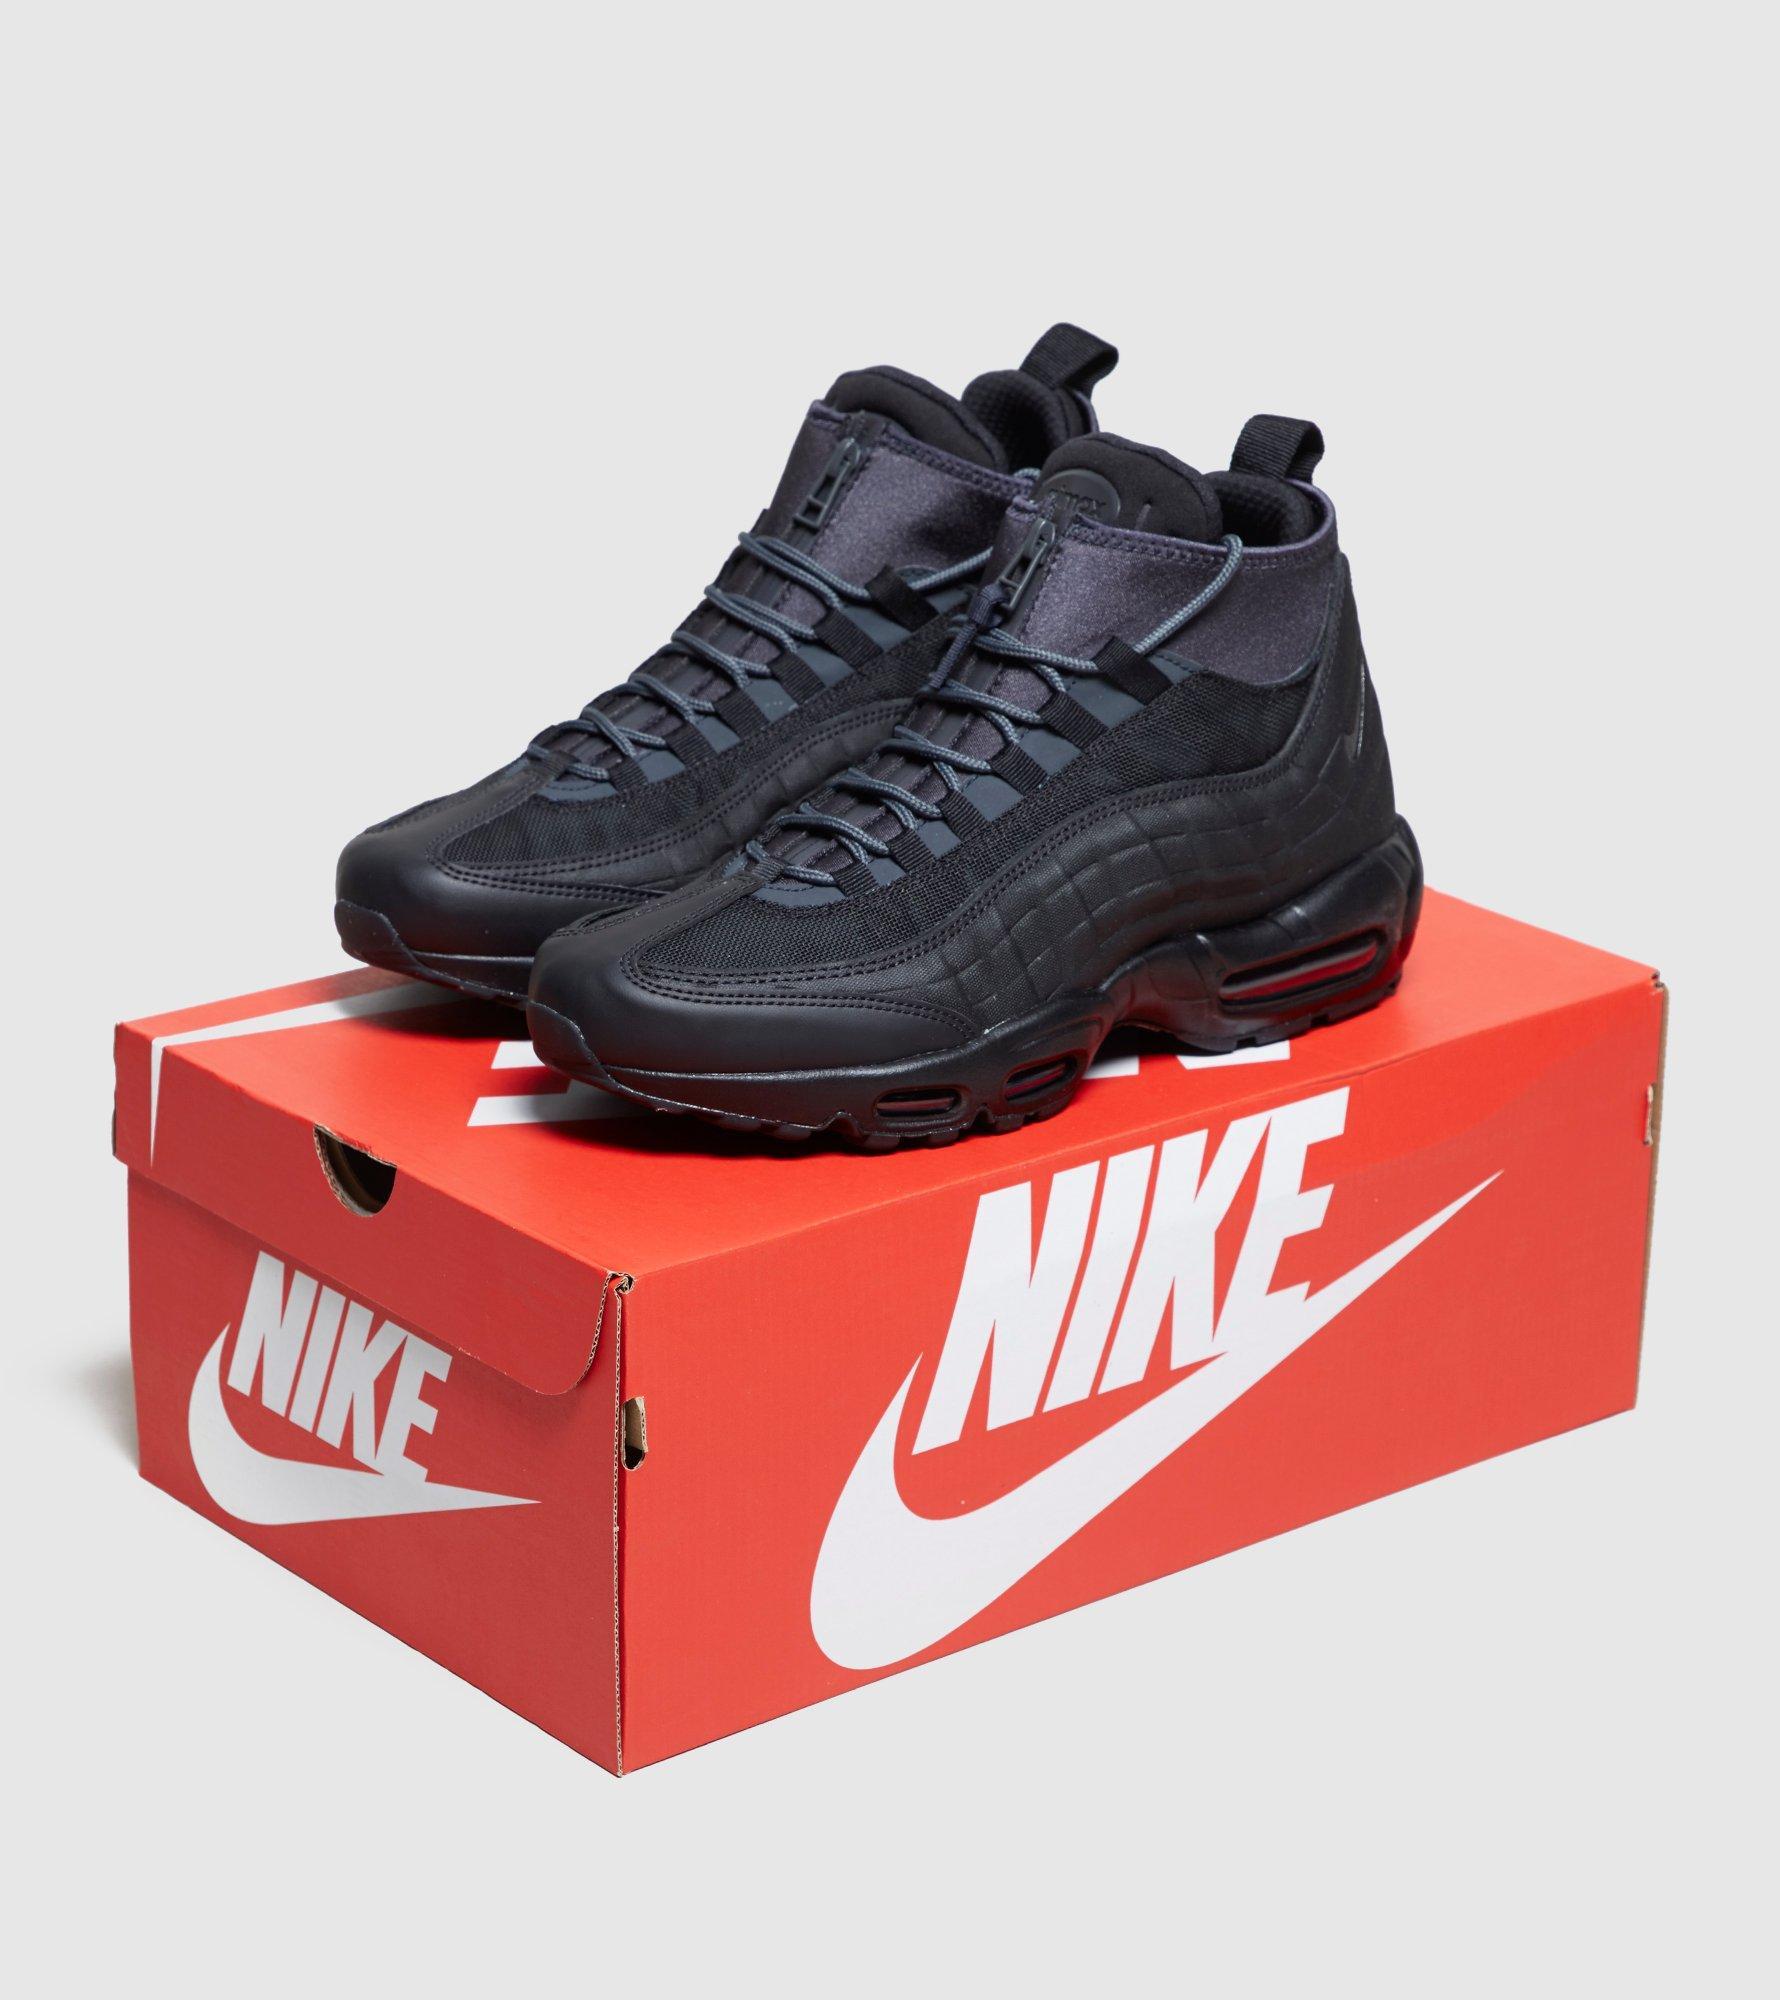 Nike Air Max Tamaño 95 Sneakerboot 11 oferta tienda de descuento coste del despacho donde puedo ordenar JTP9nDa